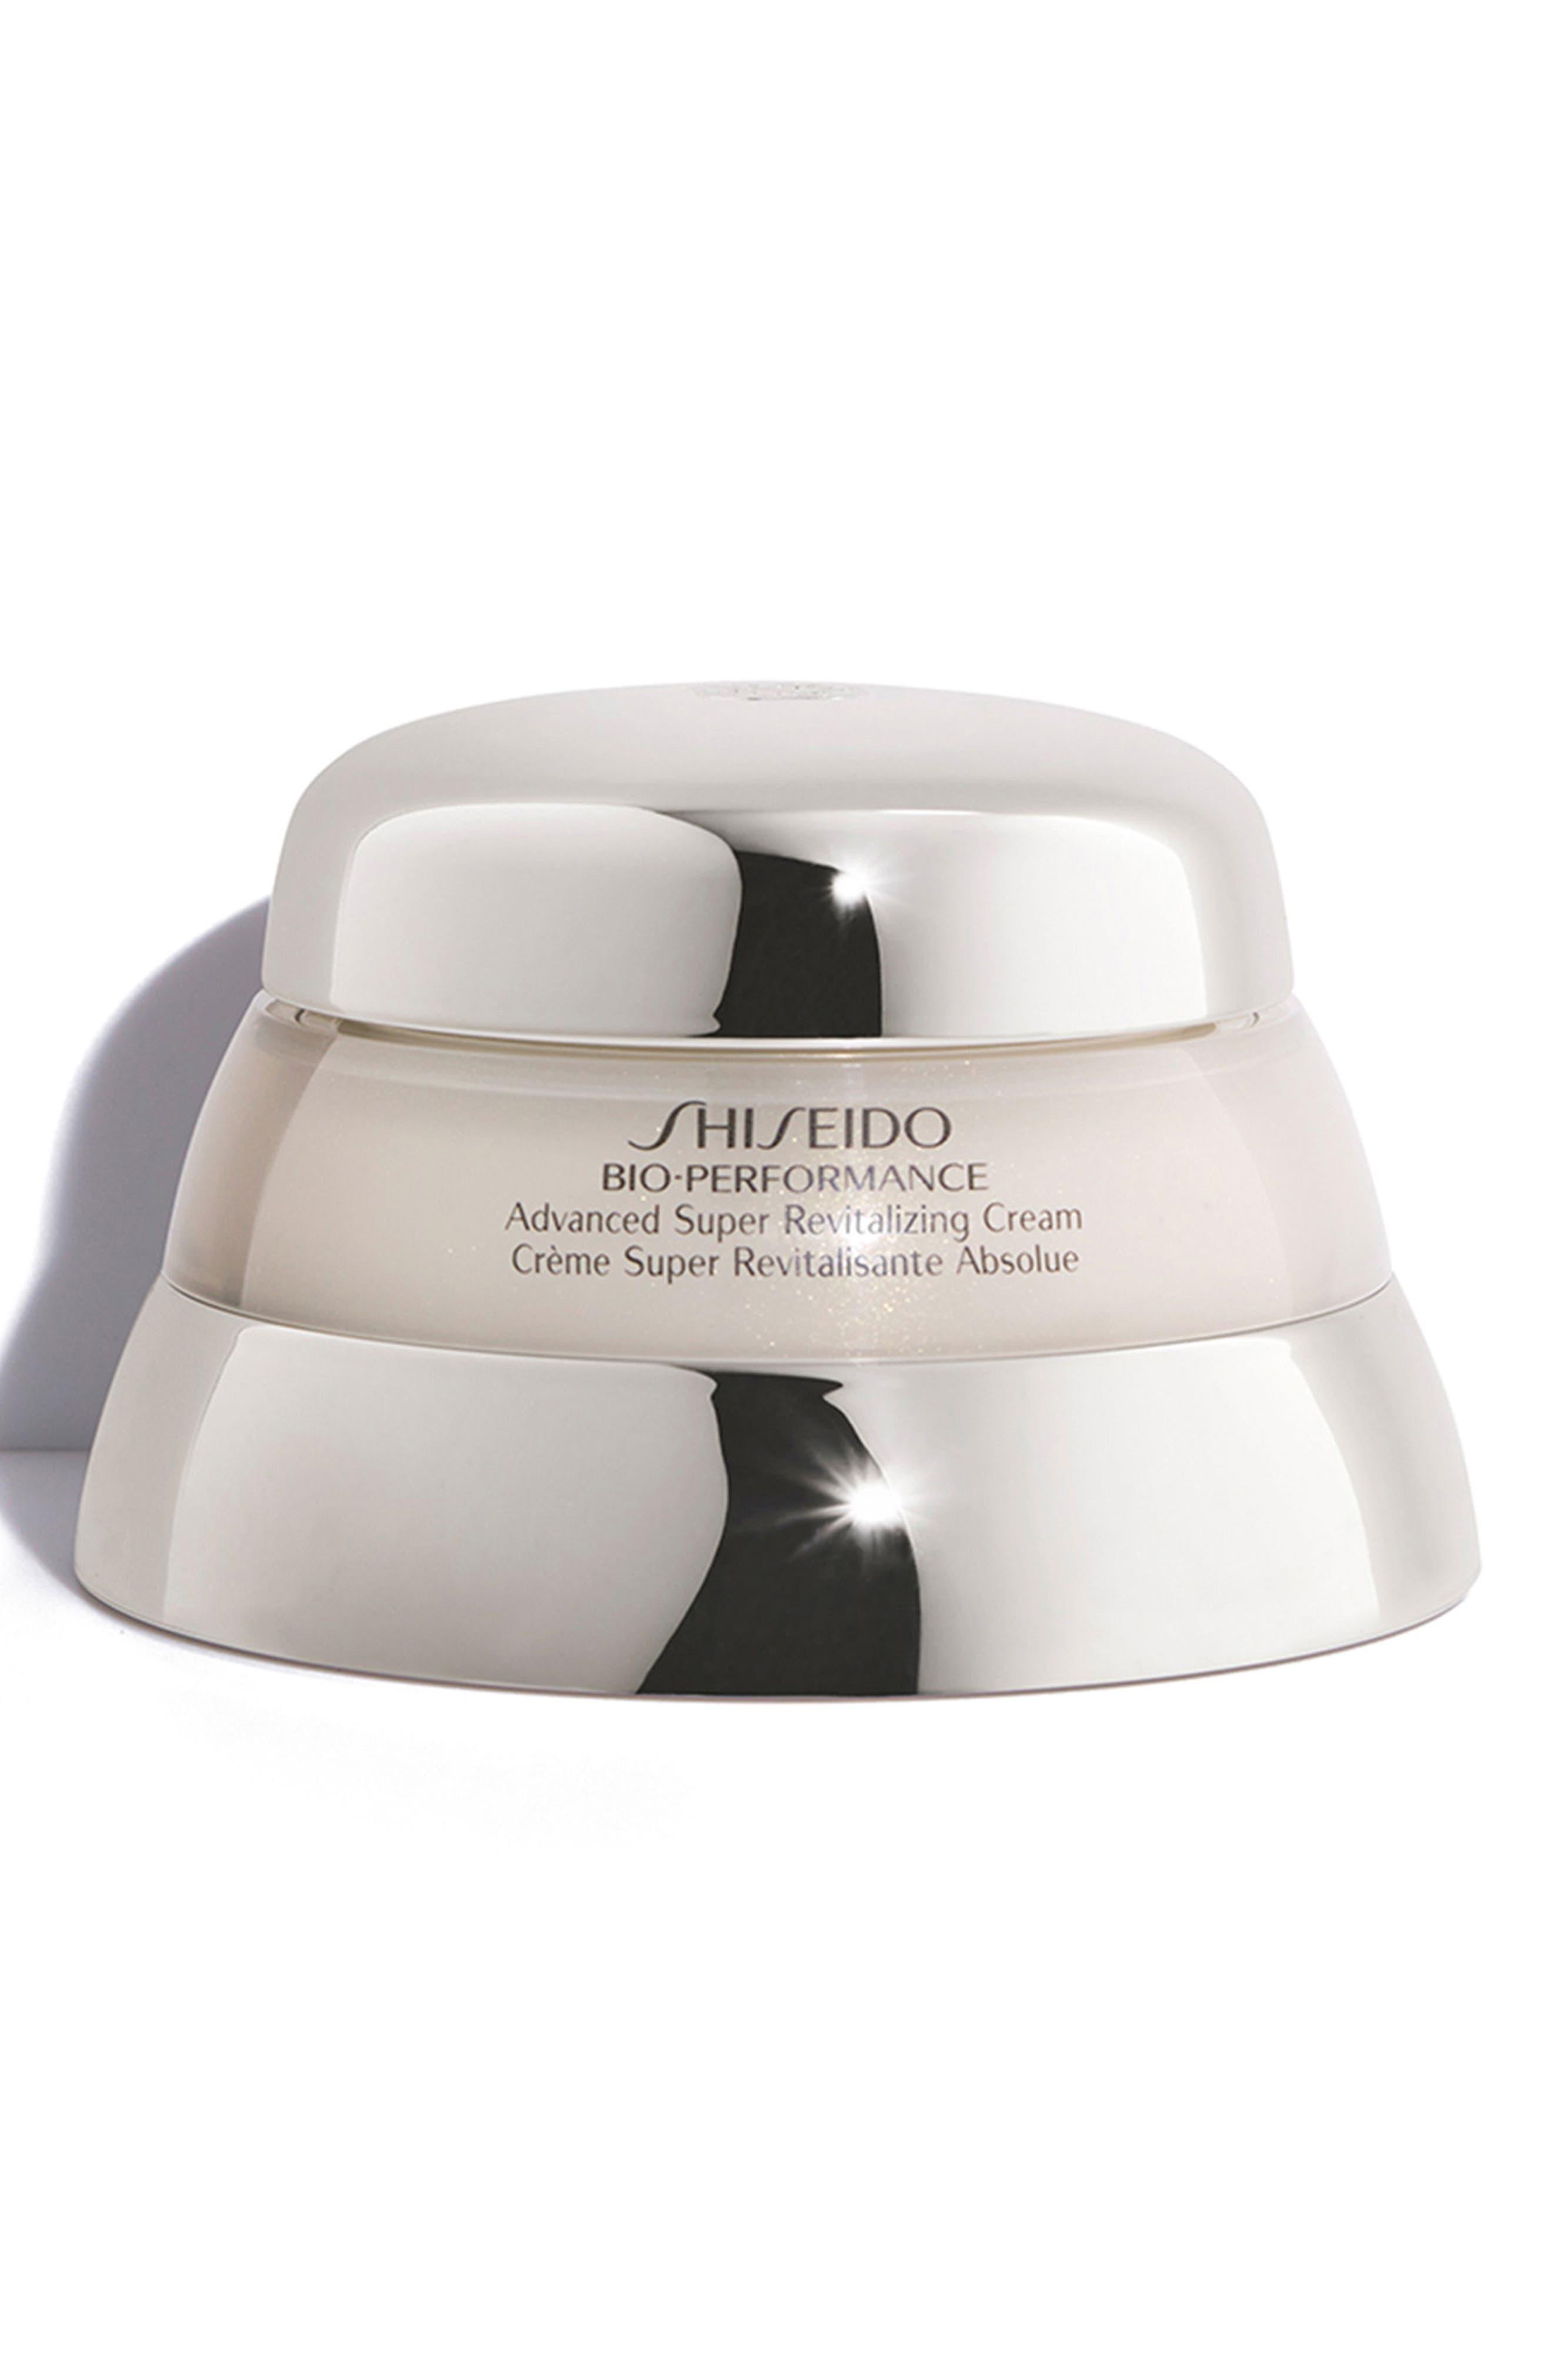 'Bio-Performance' Advance Super Revitalizing Cream,                         Main,                         color, No Color